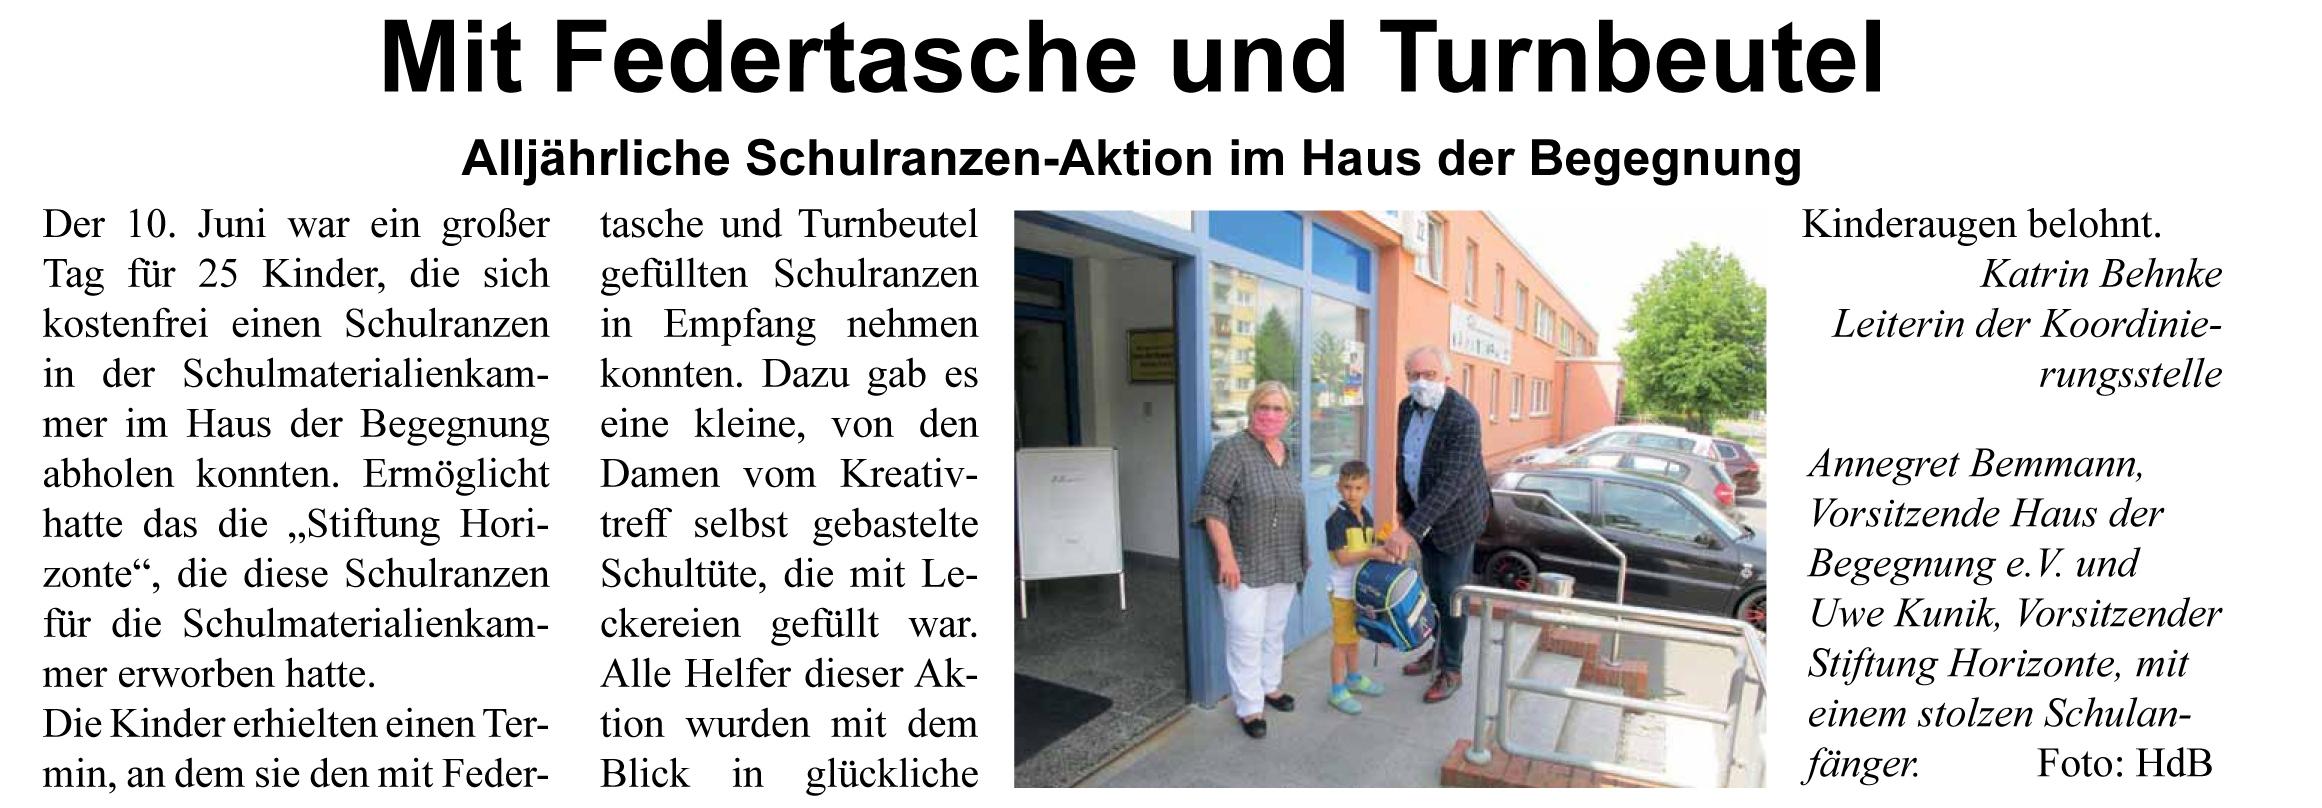 Artikel, Schweriner Turmblick, Ausgabe August 2020,